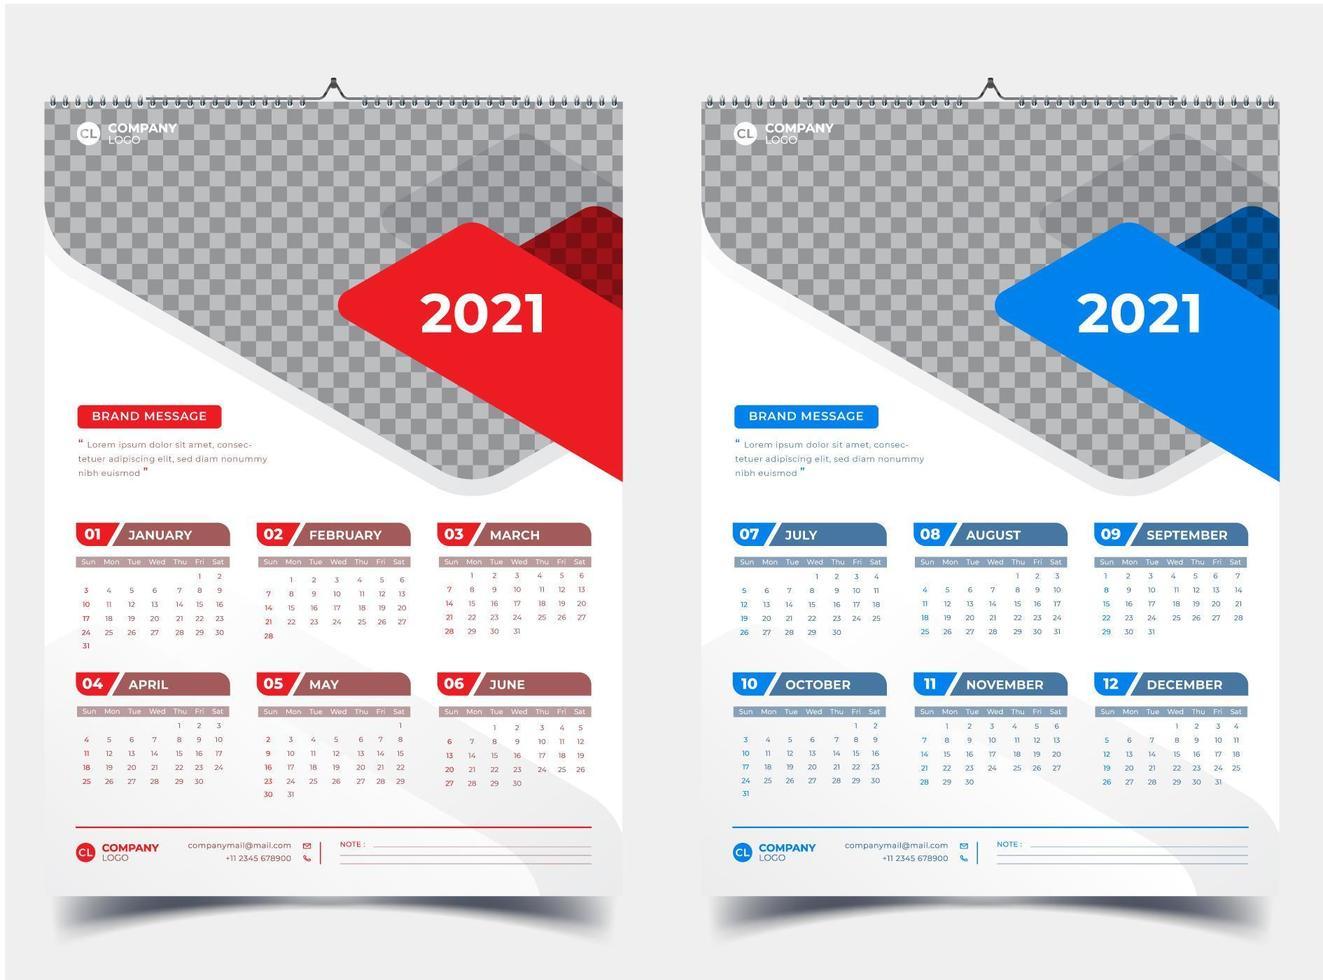 roter und blauer Akzent zweiseitiger Wandkalender 2021 vektor